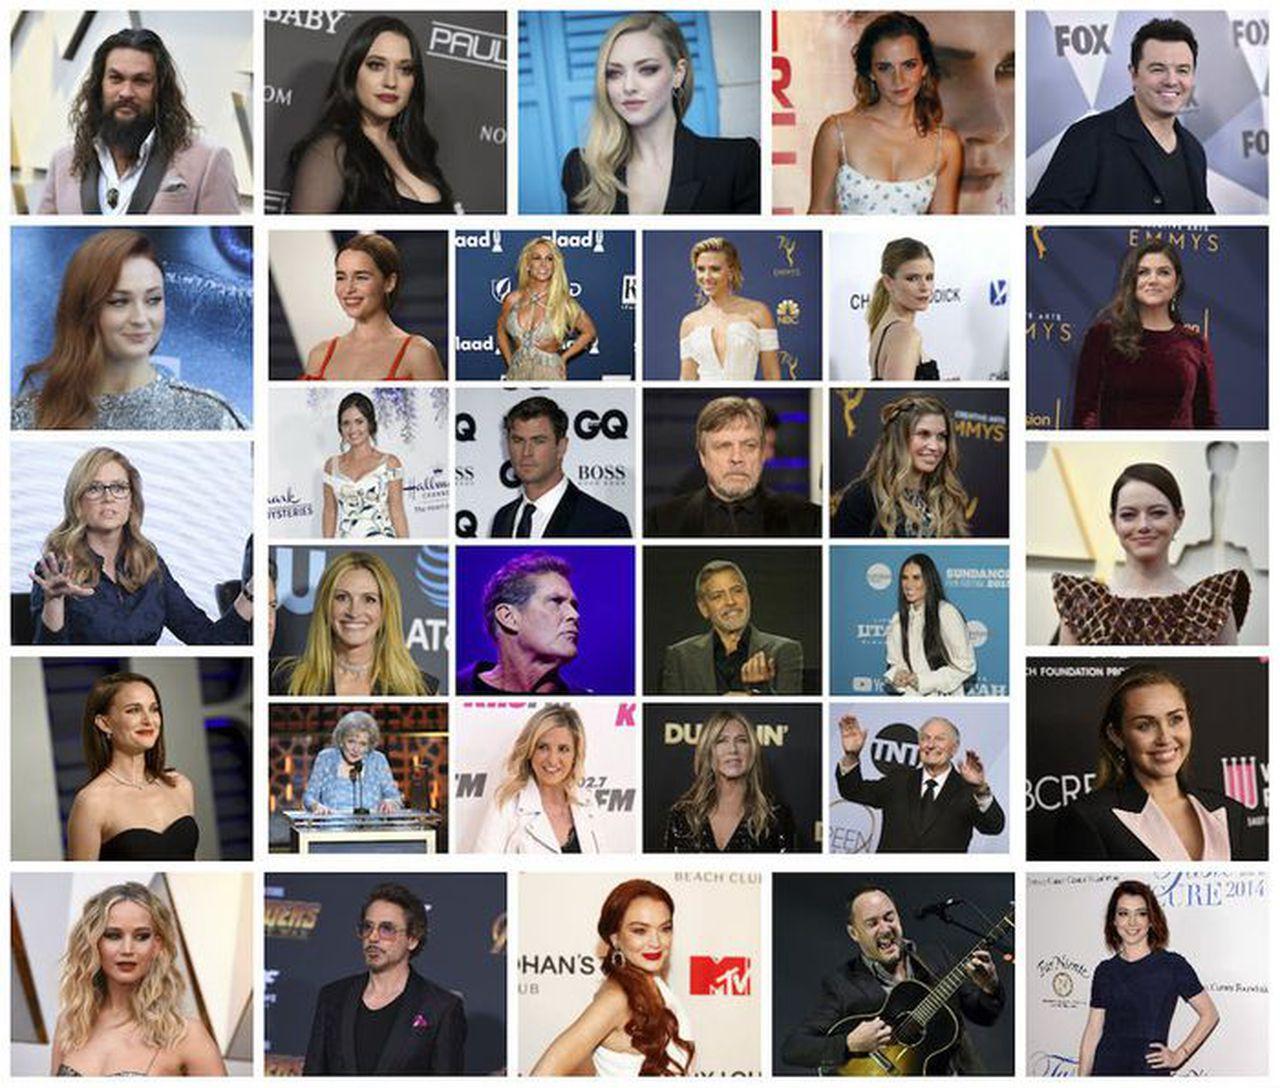 Faits amusants sur les célébrités collectées